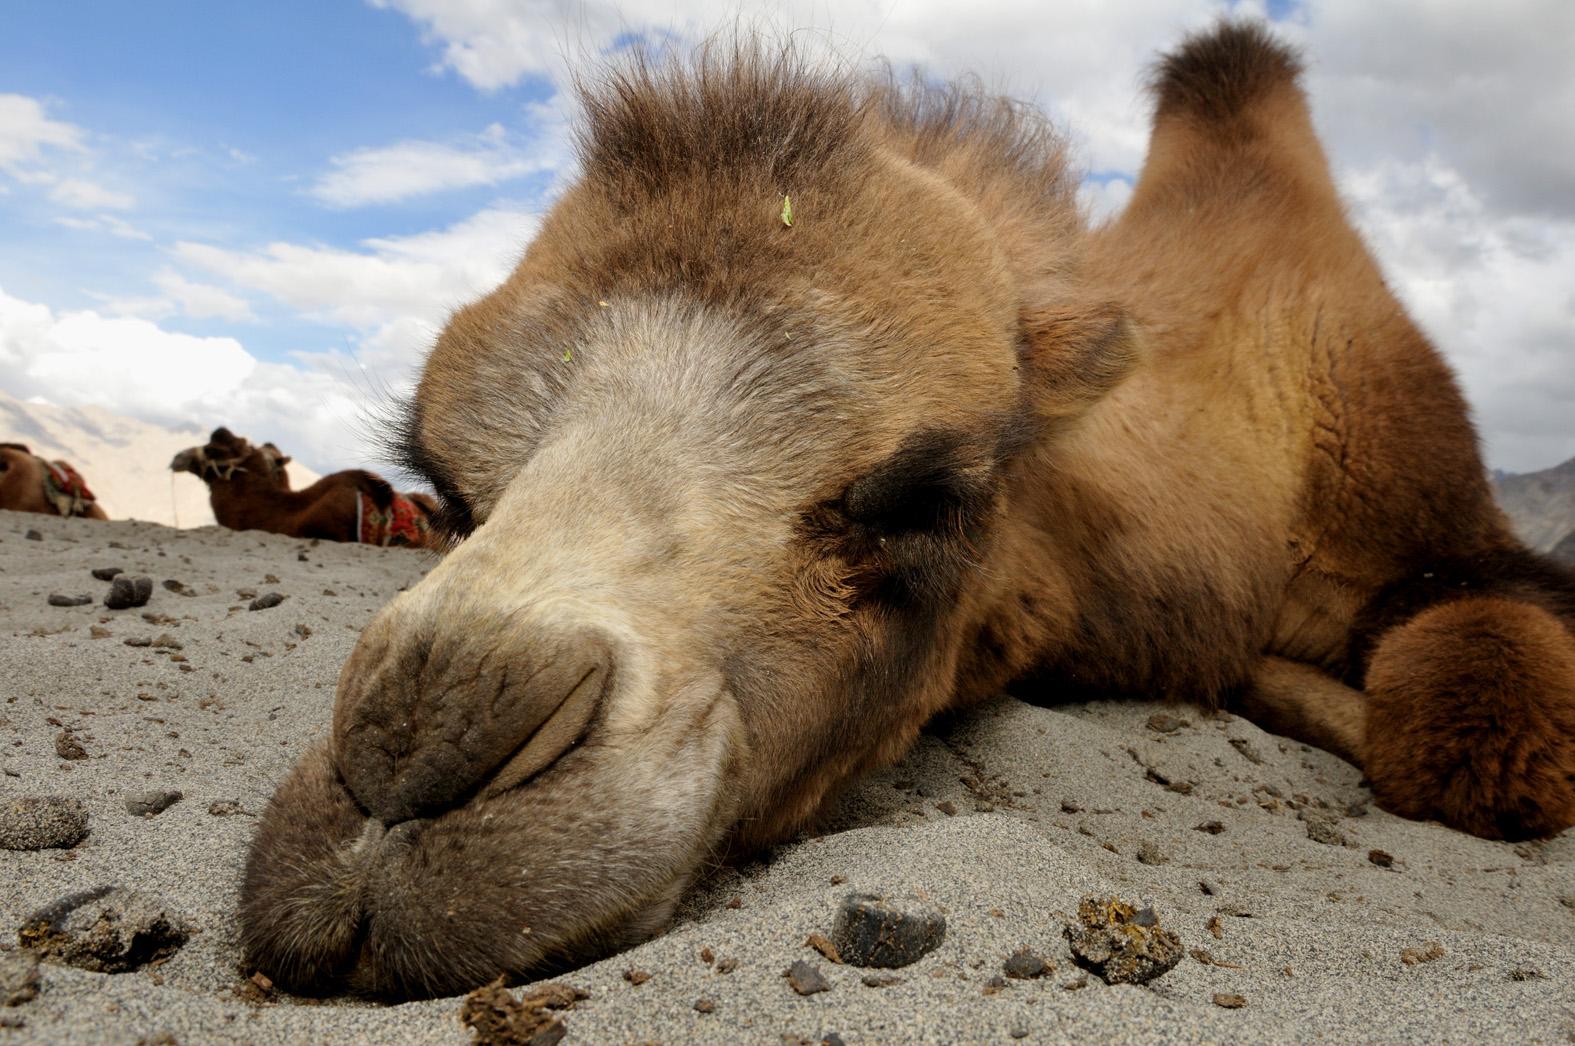 foto van kameel van dichtbij met kop op de grond liggend